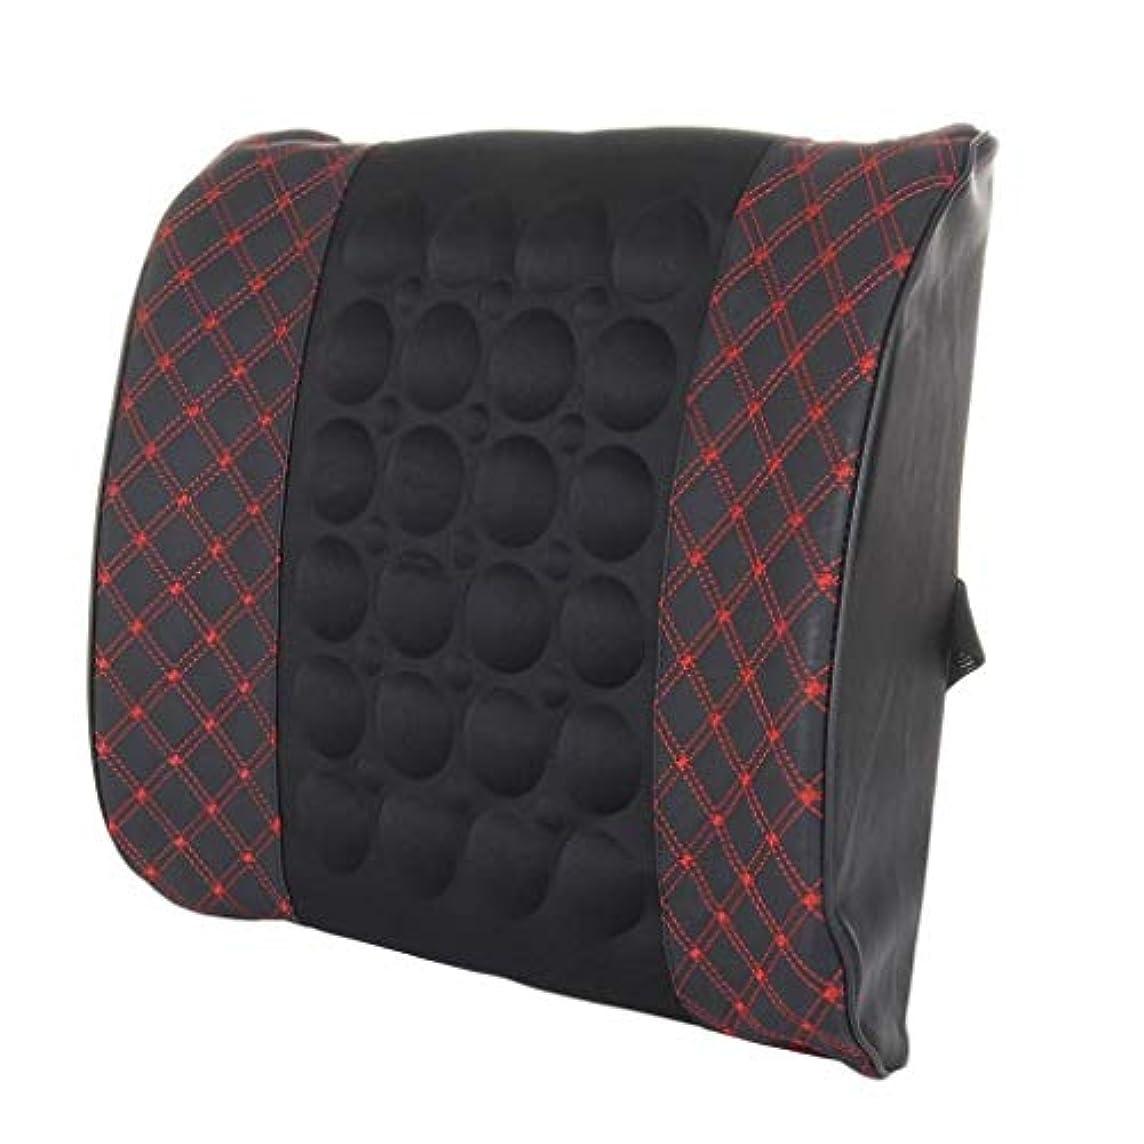 ライセンス無謀貯水池枕、腰部背部支持パッド、妊娠中の腰椎枕、腰用シートクッション、姿勢ブレース、腰痛を和らげる、低反発腰椎背もたれ枕、オフィスカーチェア、車の室内装飾 (Color : Blackred)